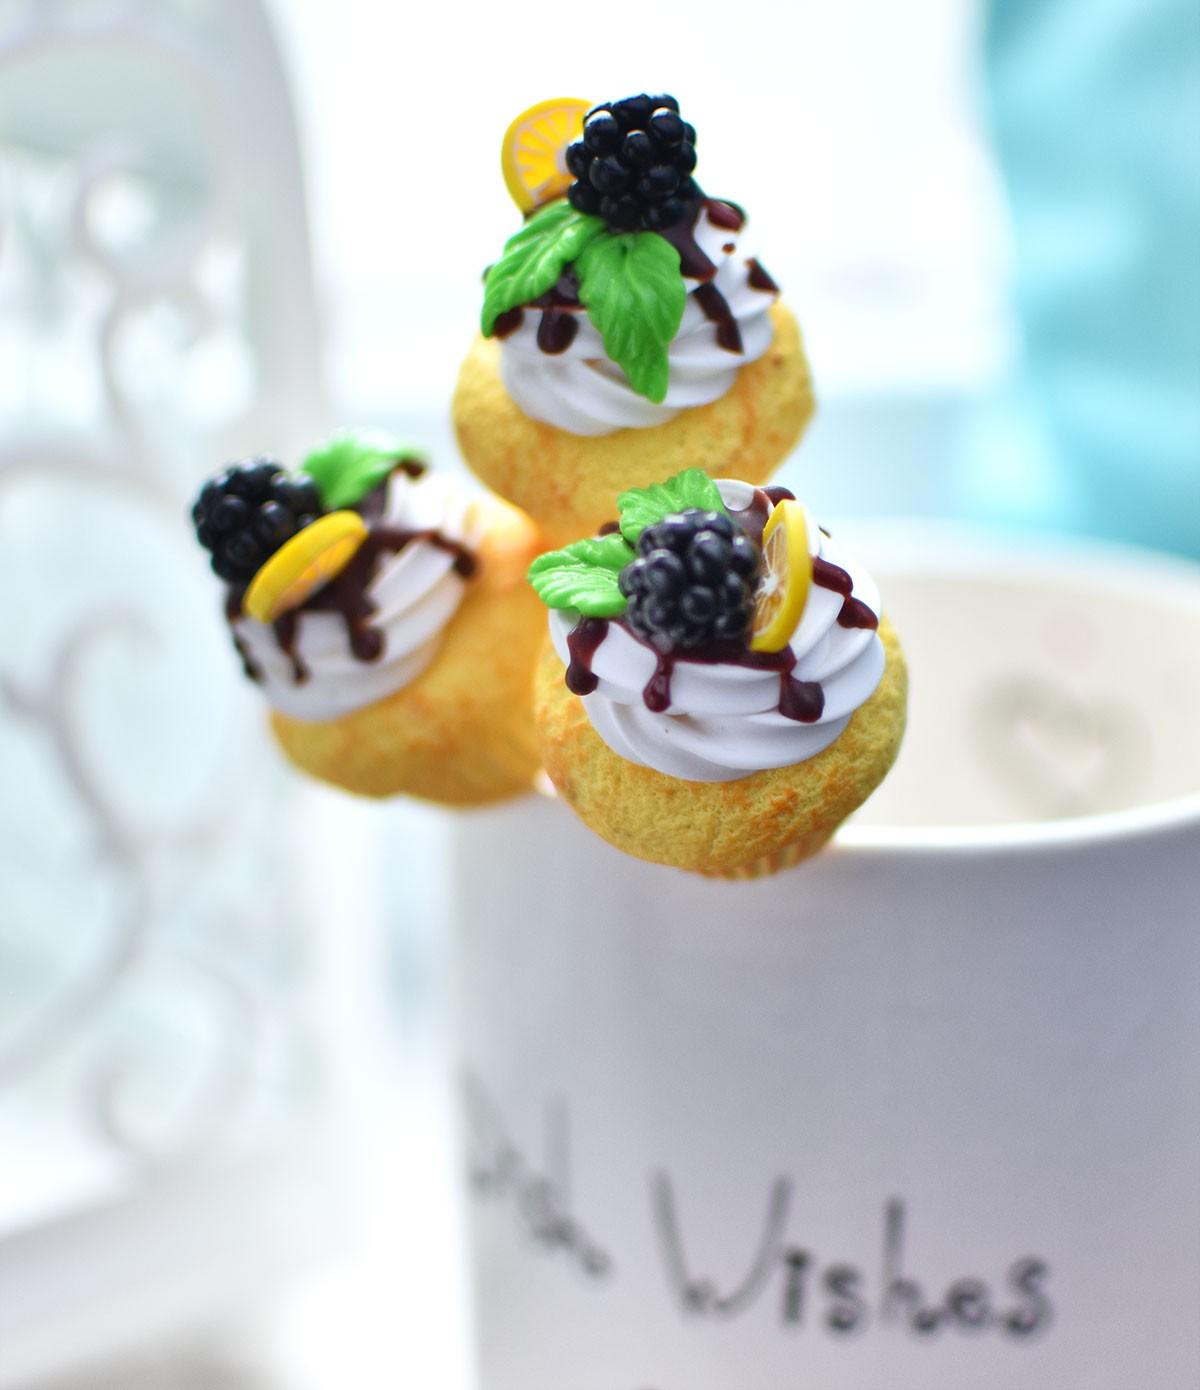 """картинка Чайная ложка с ванильным капкейком """"Ежевика"""" - DishWishes.Ru"""